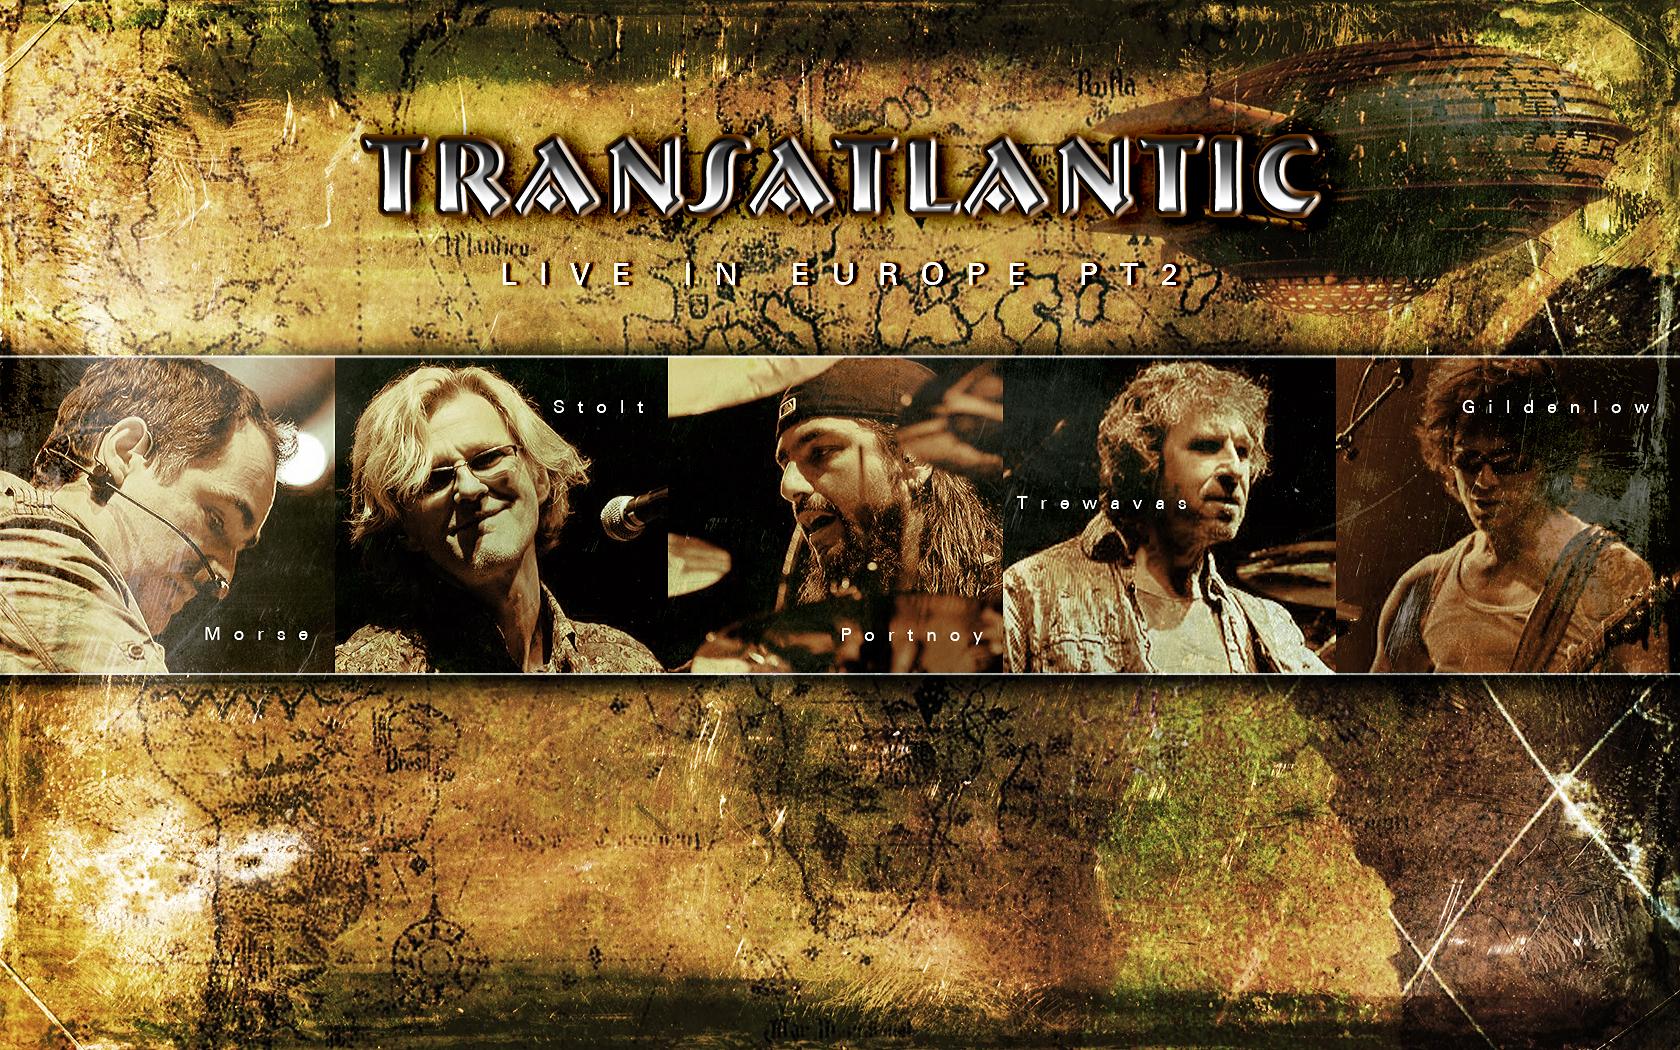 transatlantic world